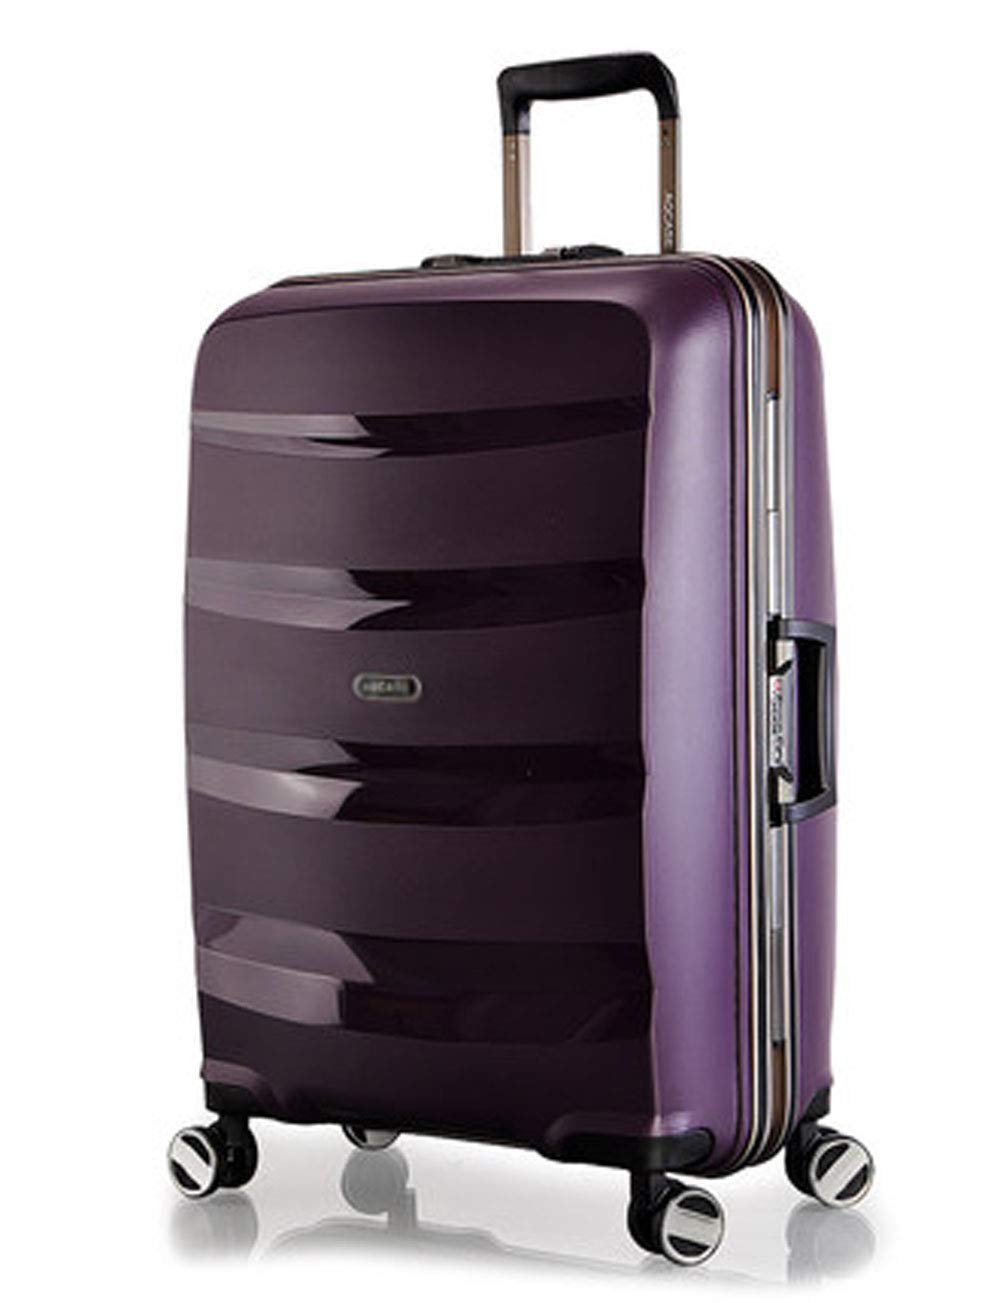 4輪の荷物、アルミ合金製のレバー、サイレントユニバーサルホイール、パスワードの搭乗でビジネスPP旅行40cm * 23cm * 55cm (色 : Purple)   B07GTXNT9V